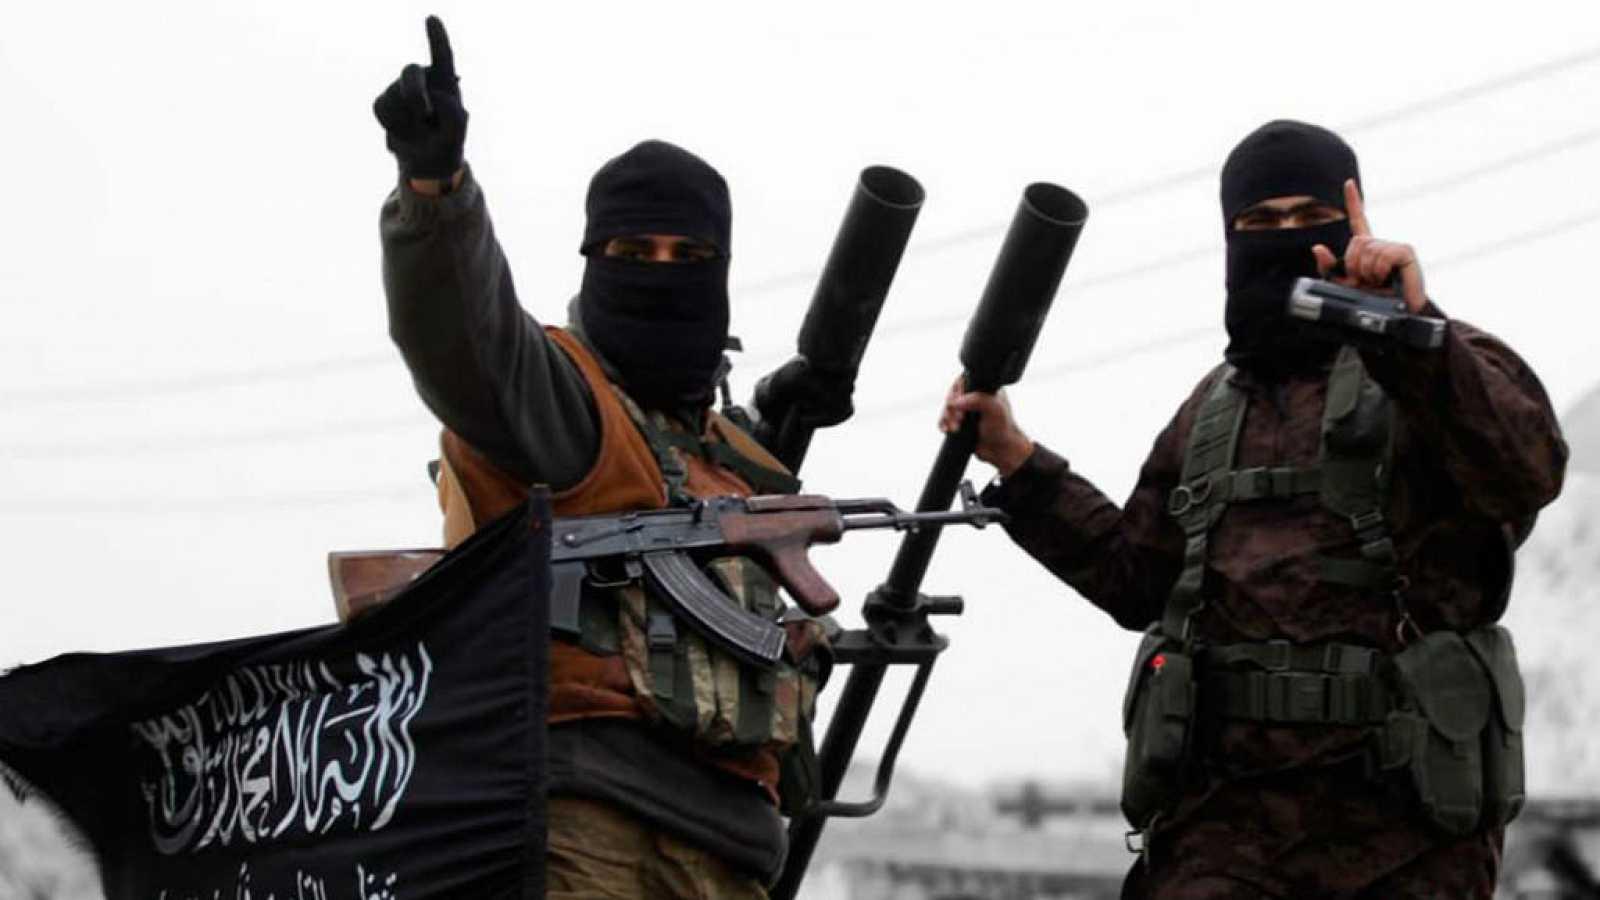 Cinco Continentes - Más de 200 españoles se unieron a las filas de Daesh en Siria - Escuchar ahora